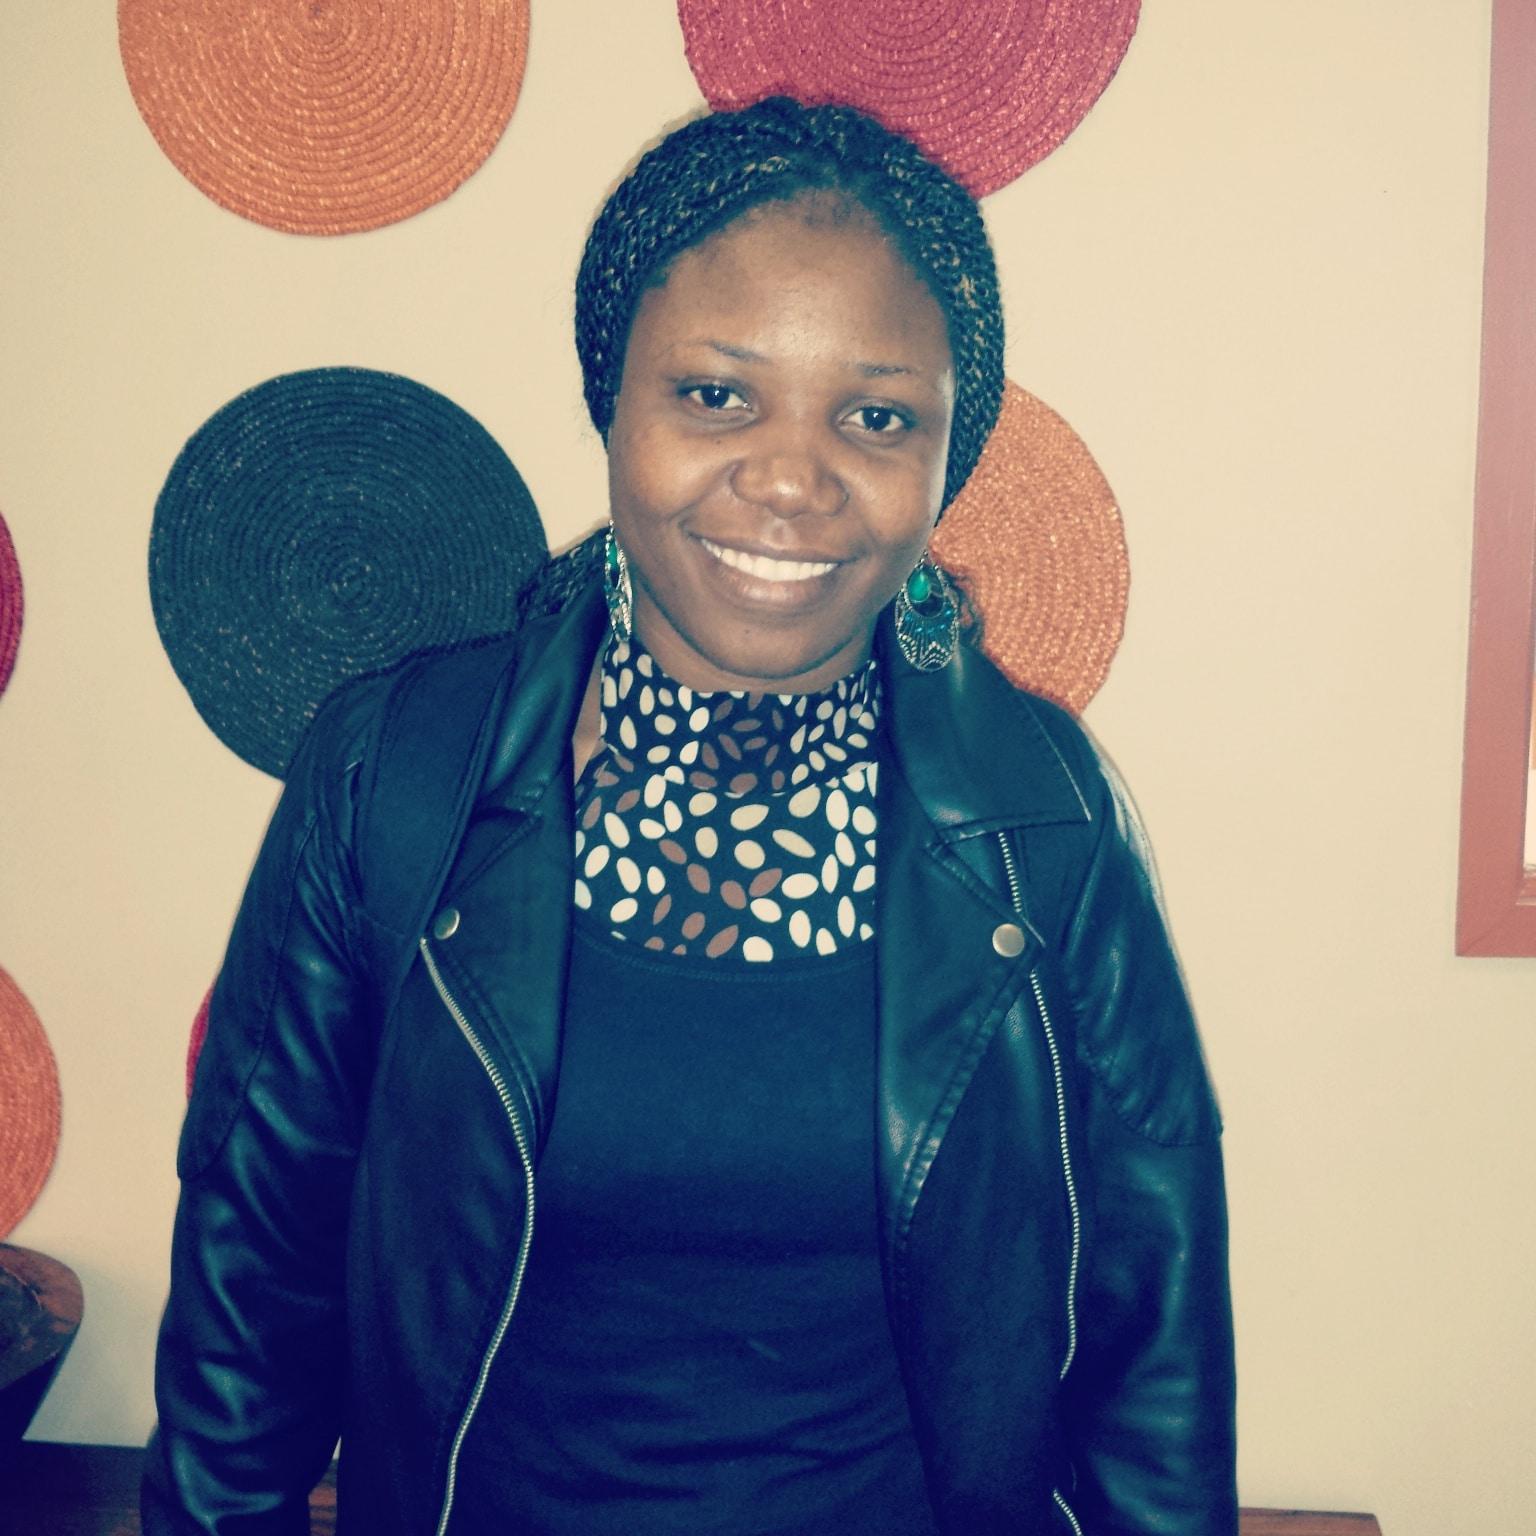 Marta Santana from Angola